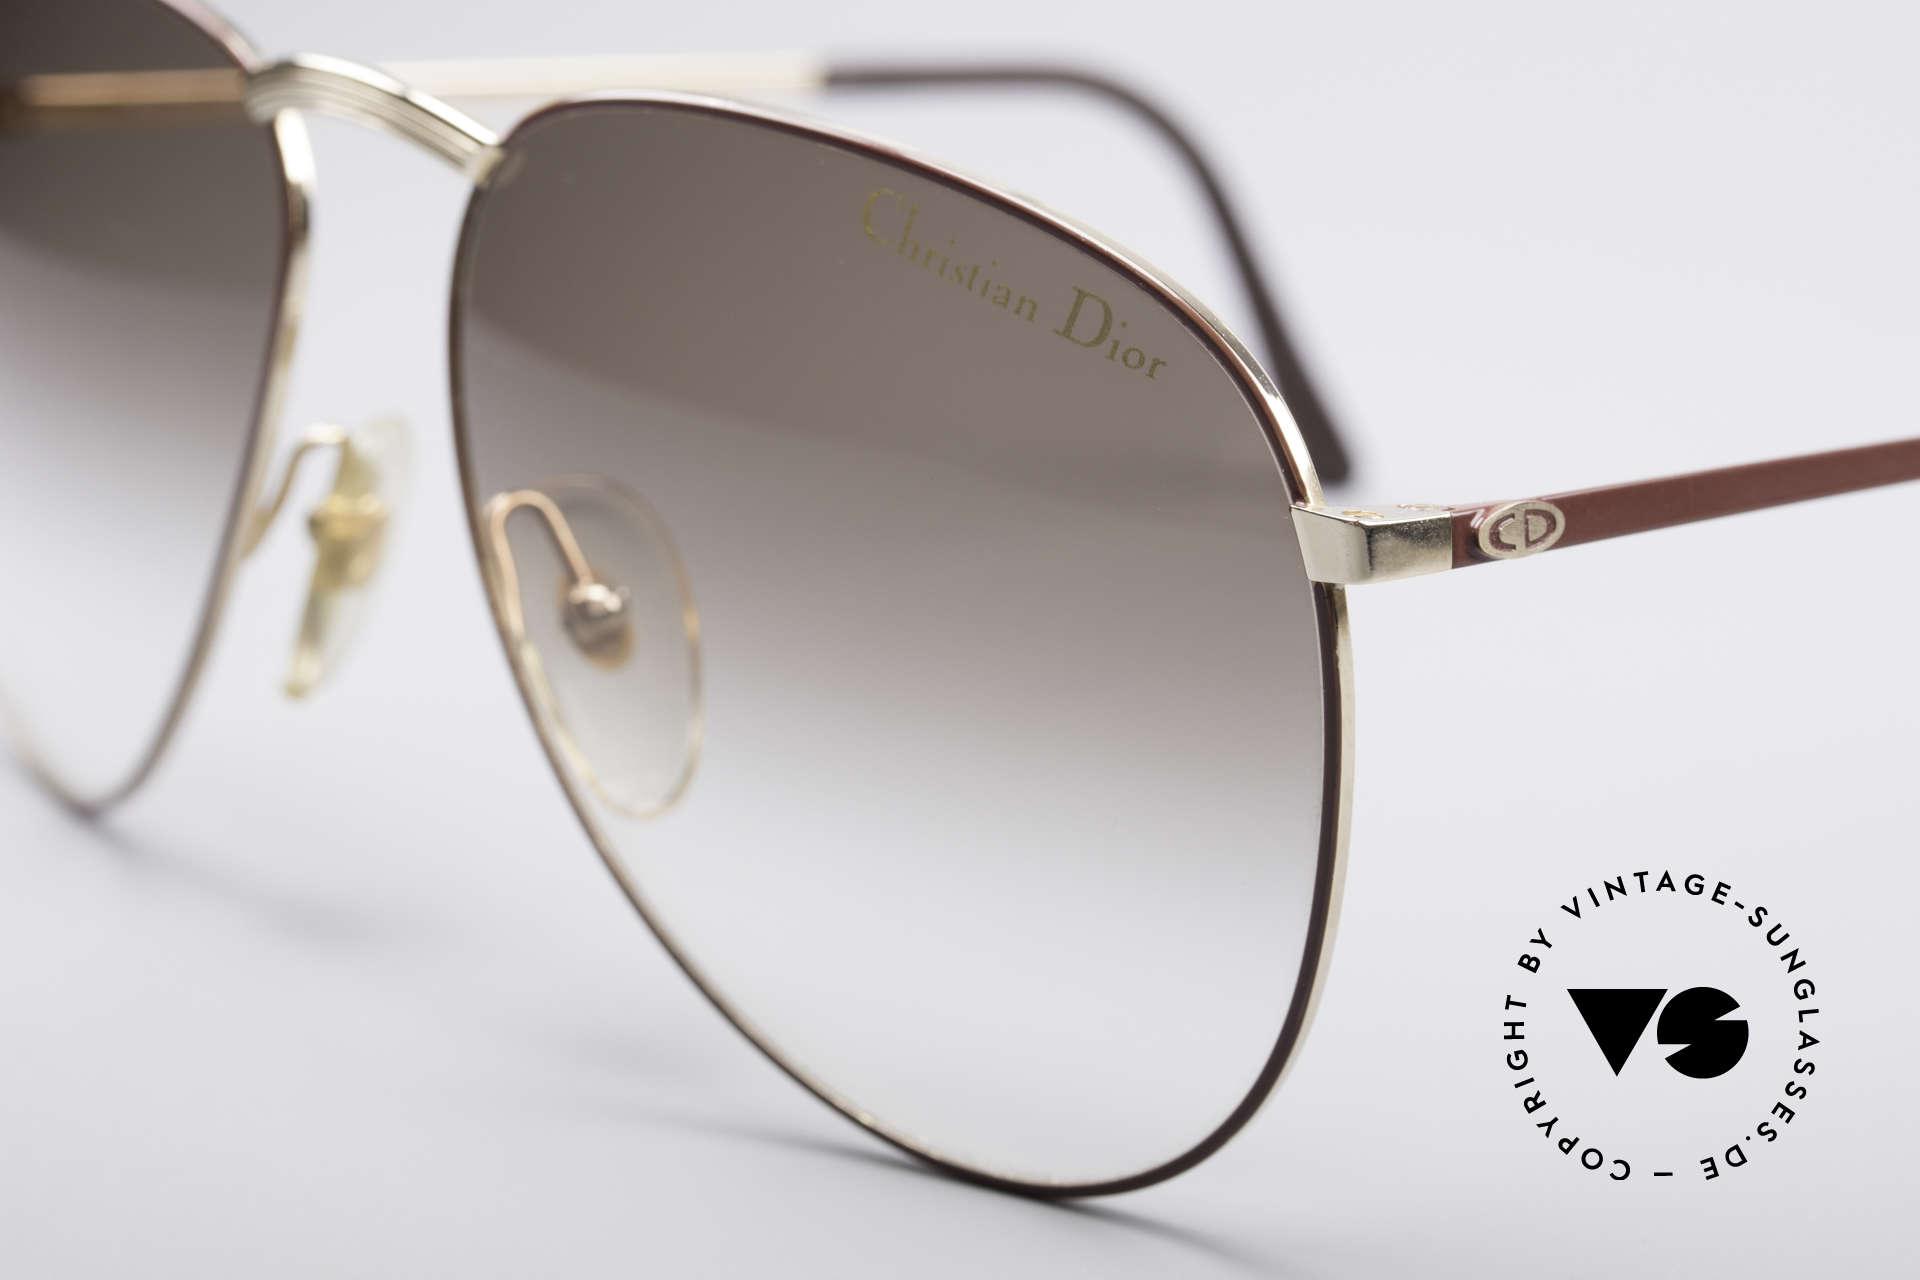 Christian Dior 2252 Seltene 80er Brille, ungetragenes Unikat (ein wahres Sammlerstück), Passend für Herren